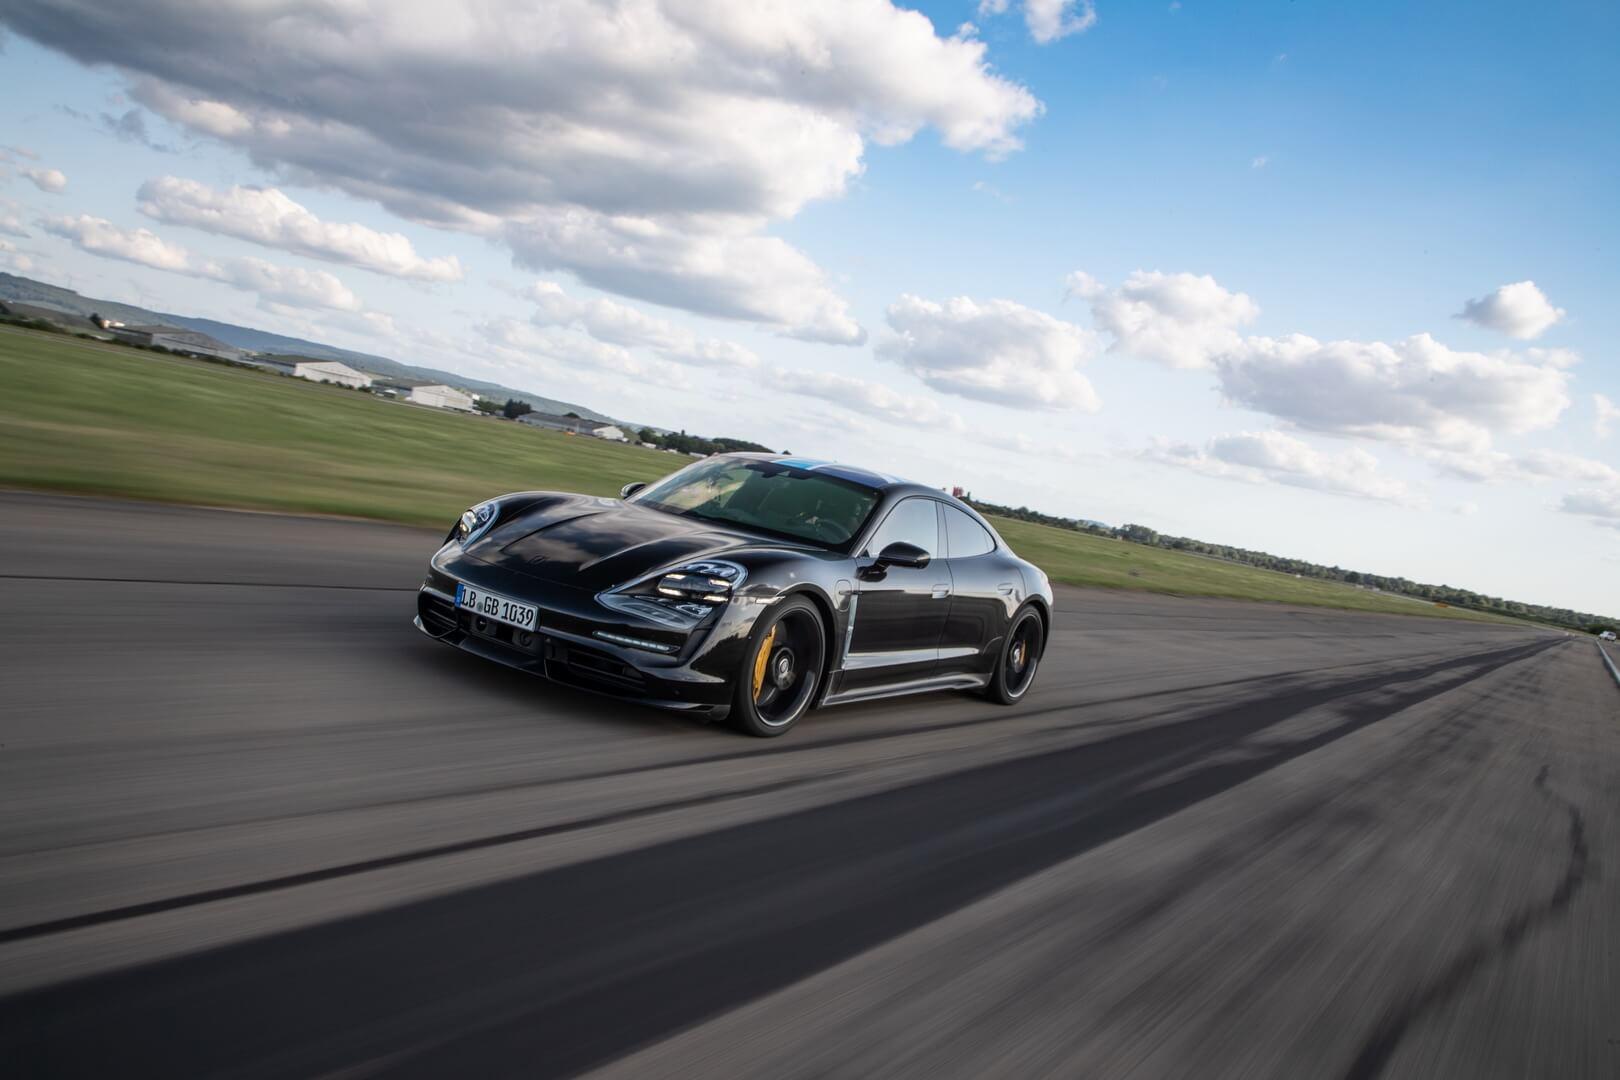 Porsche Taycan выполняет 26 последовательных попыток разгона до 200 км/ч